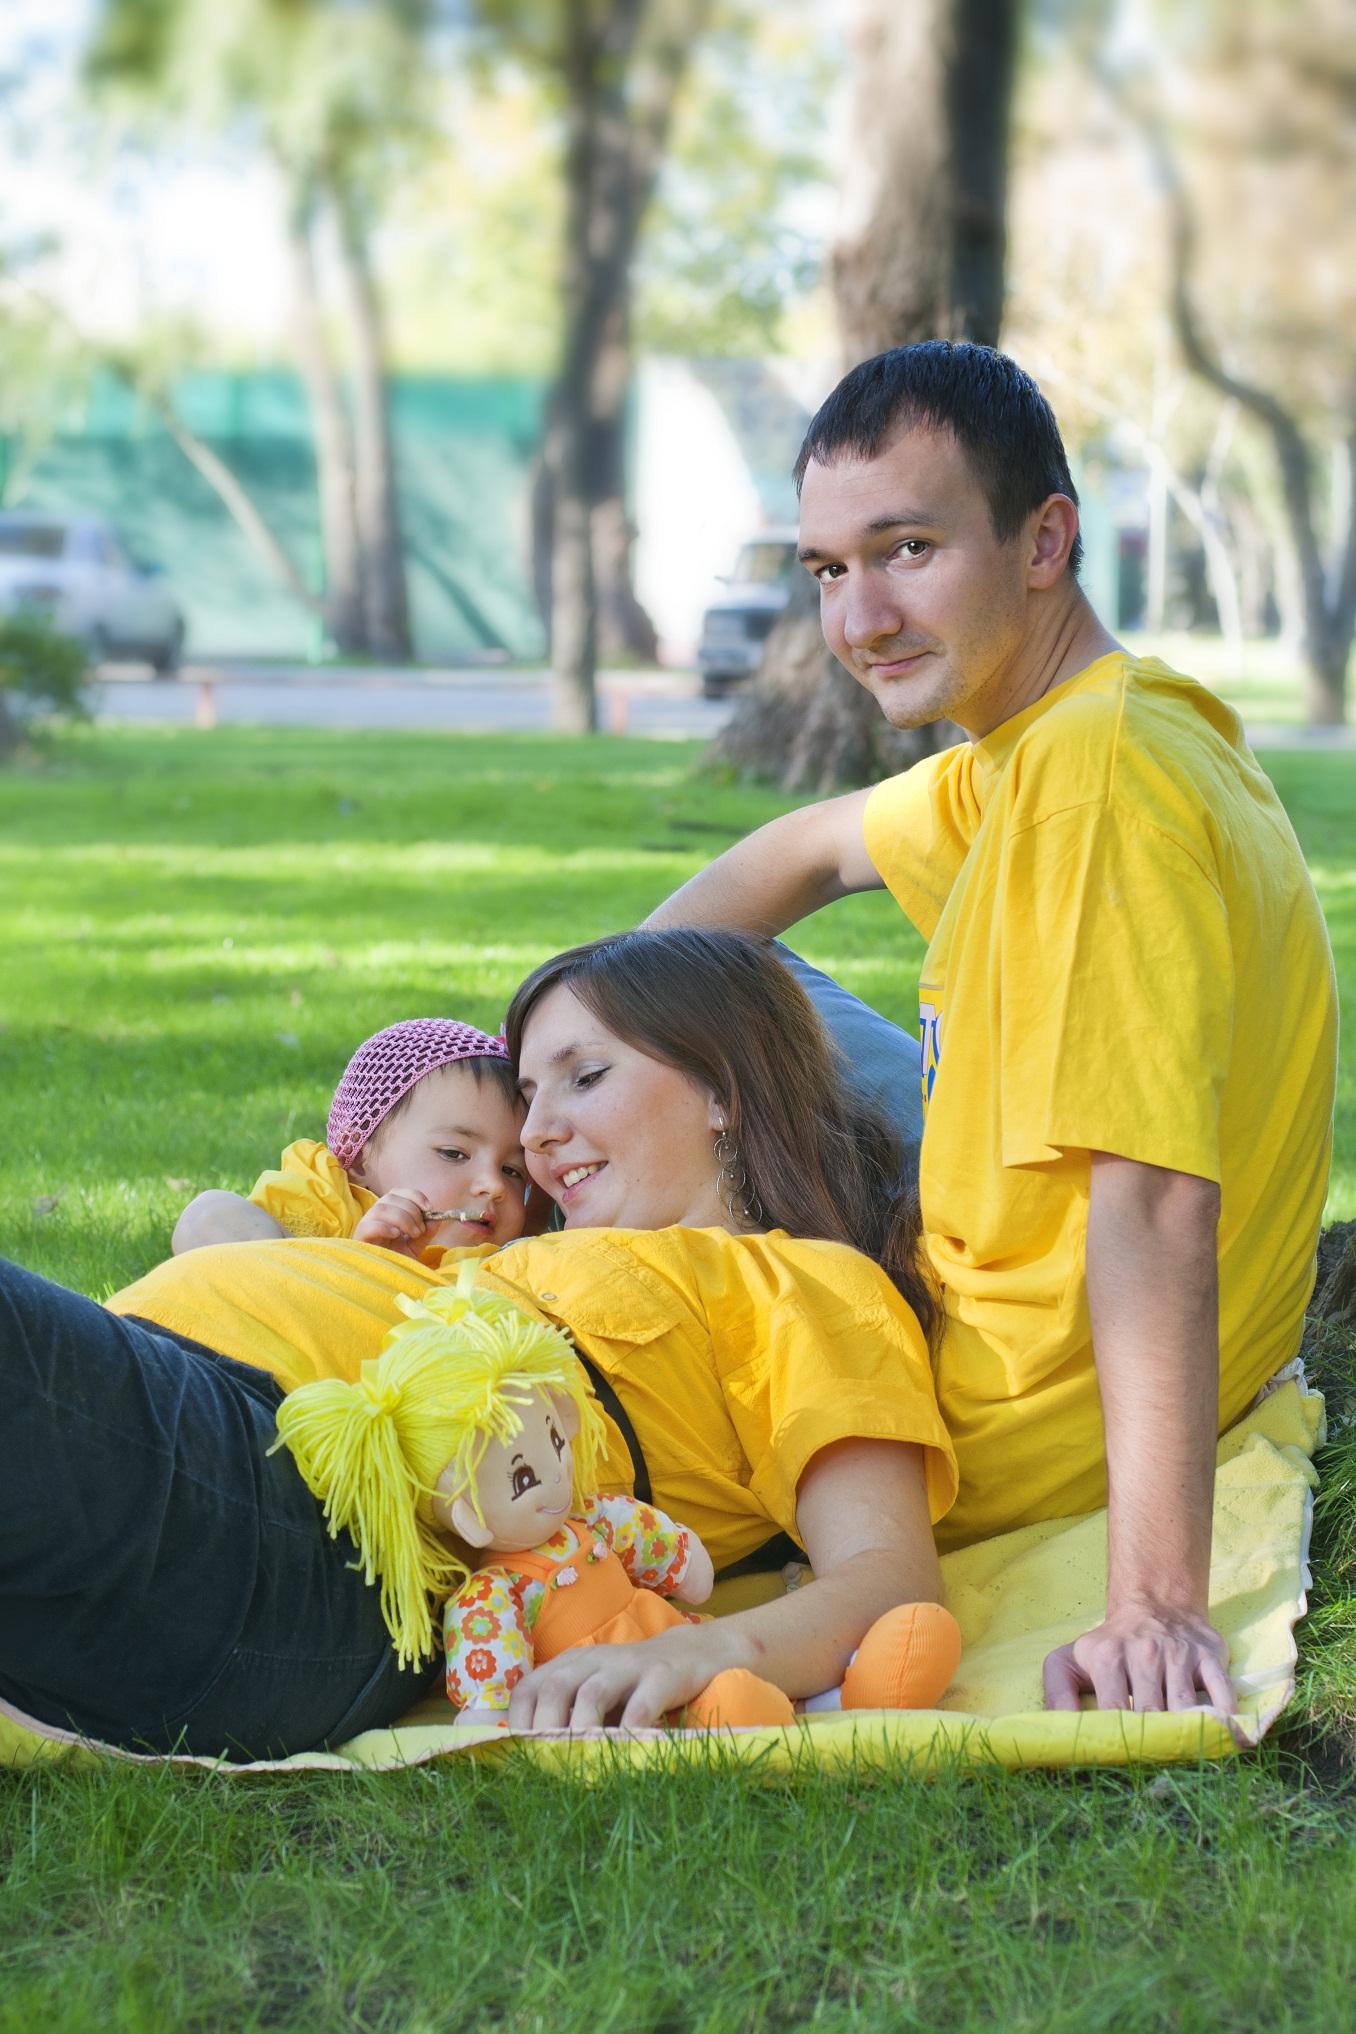 Солнечная семья гуляет в солнечный денек!. Вместе весело гулять!